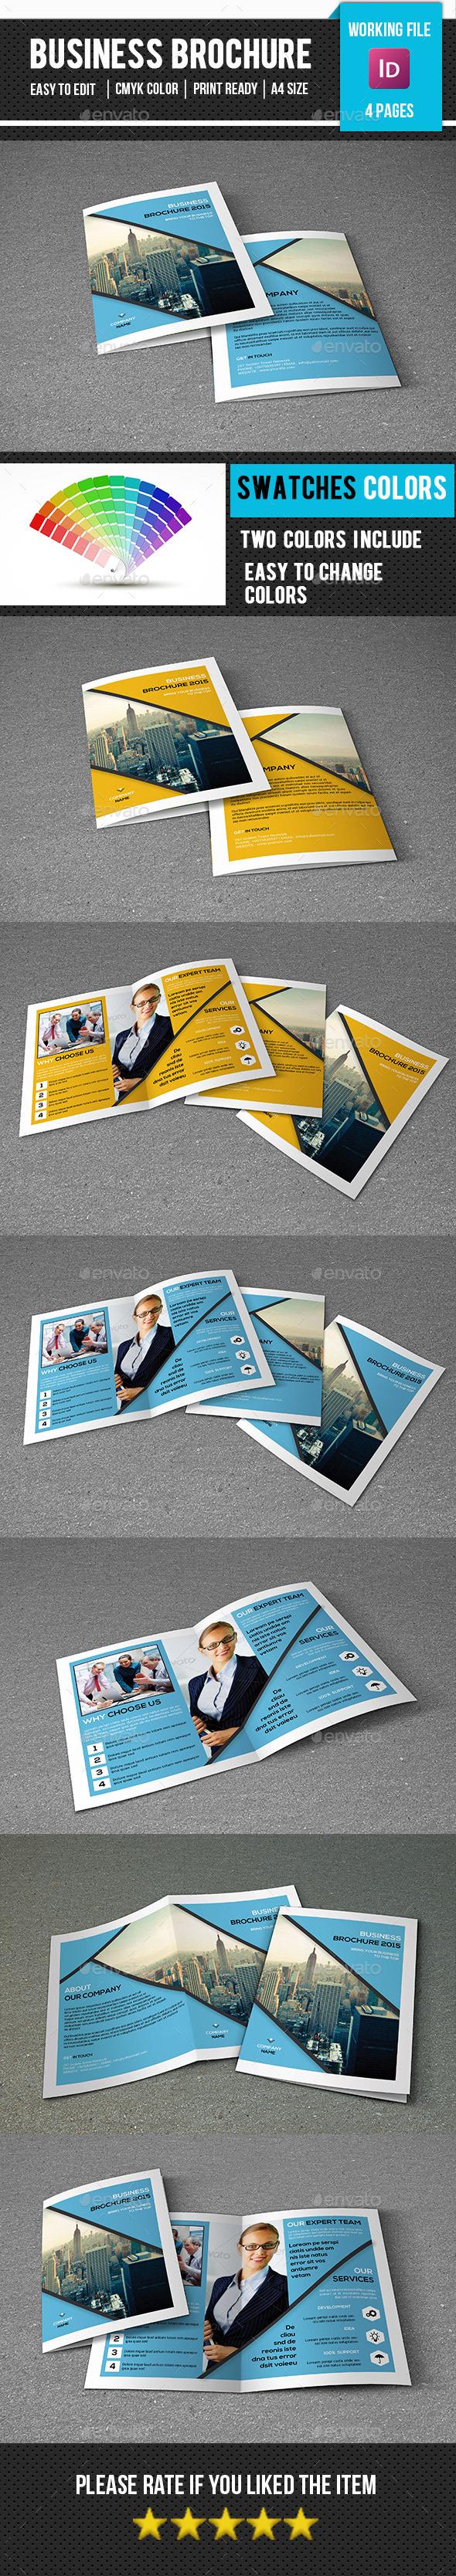 Corporate Bifold Brochure-V288 - Corporate Brochures